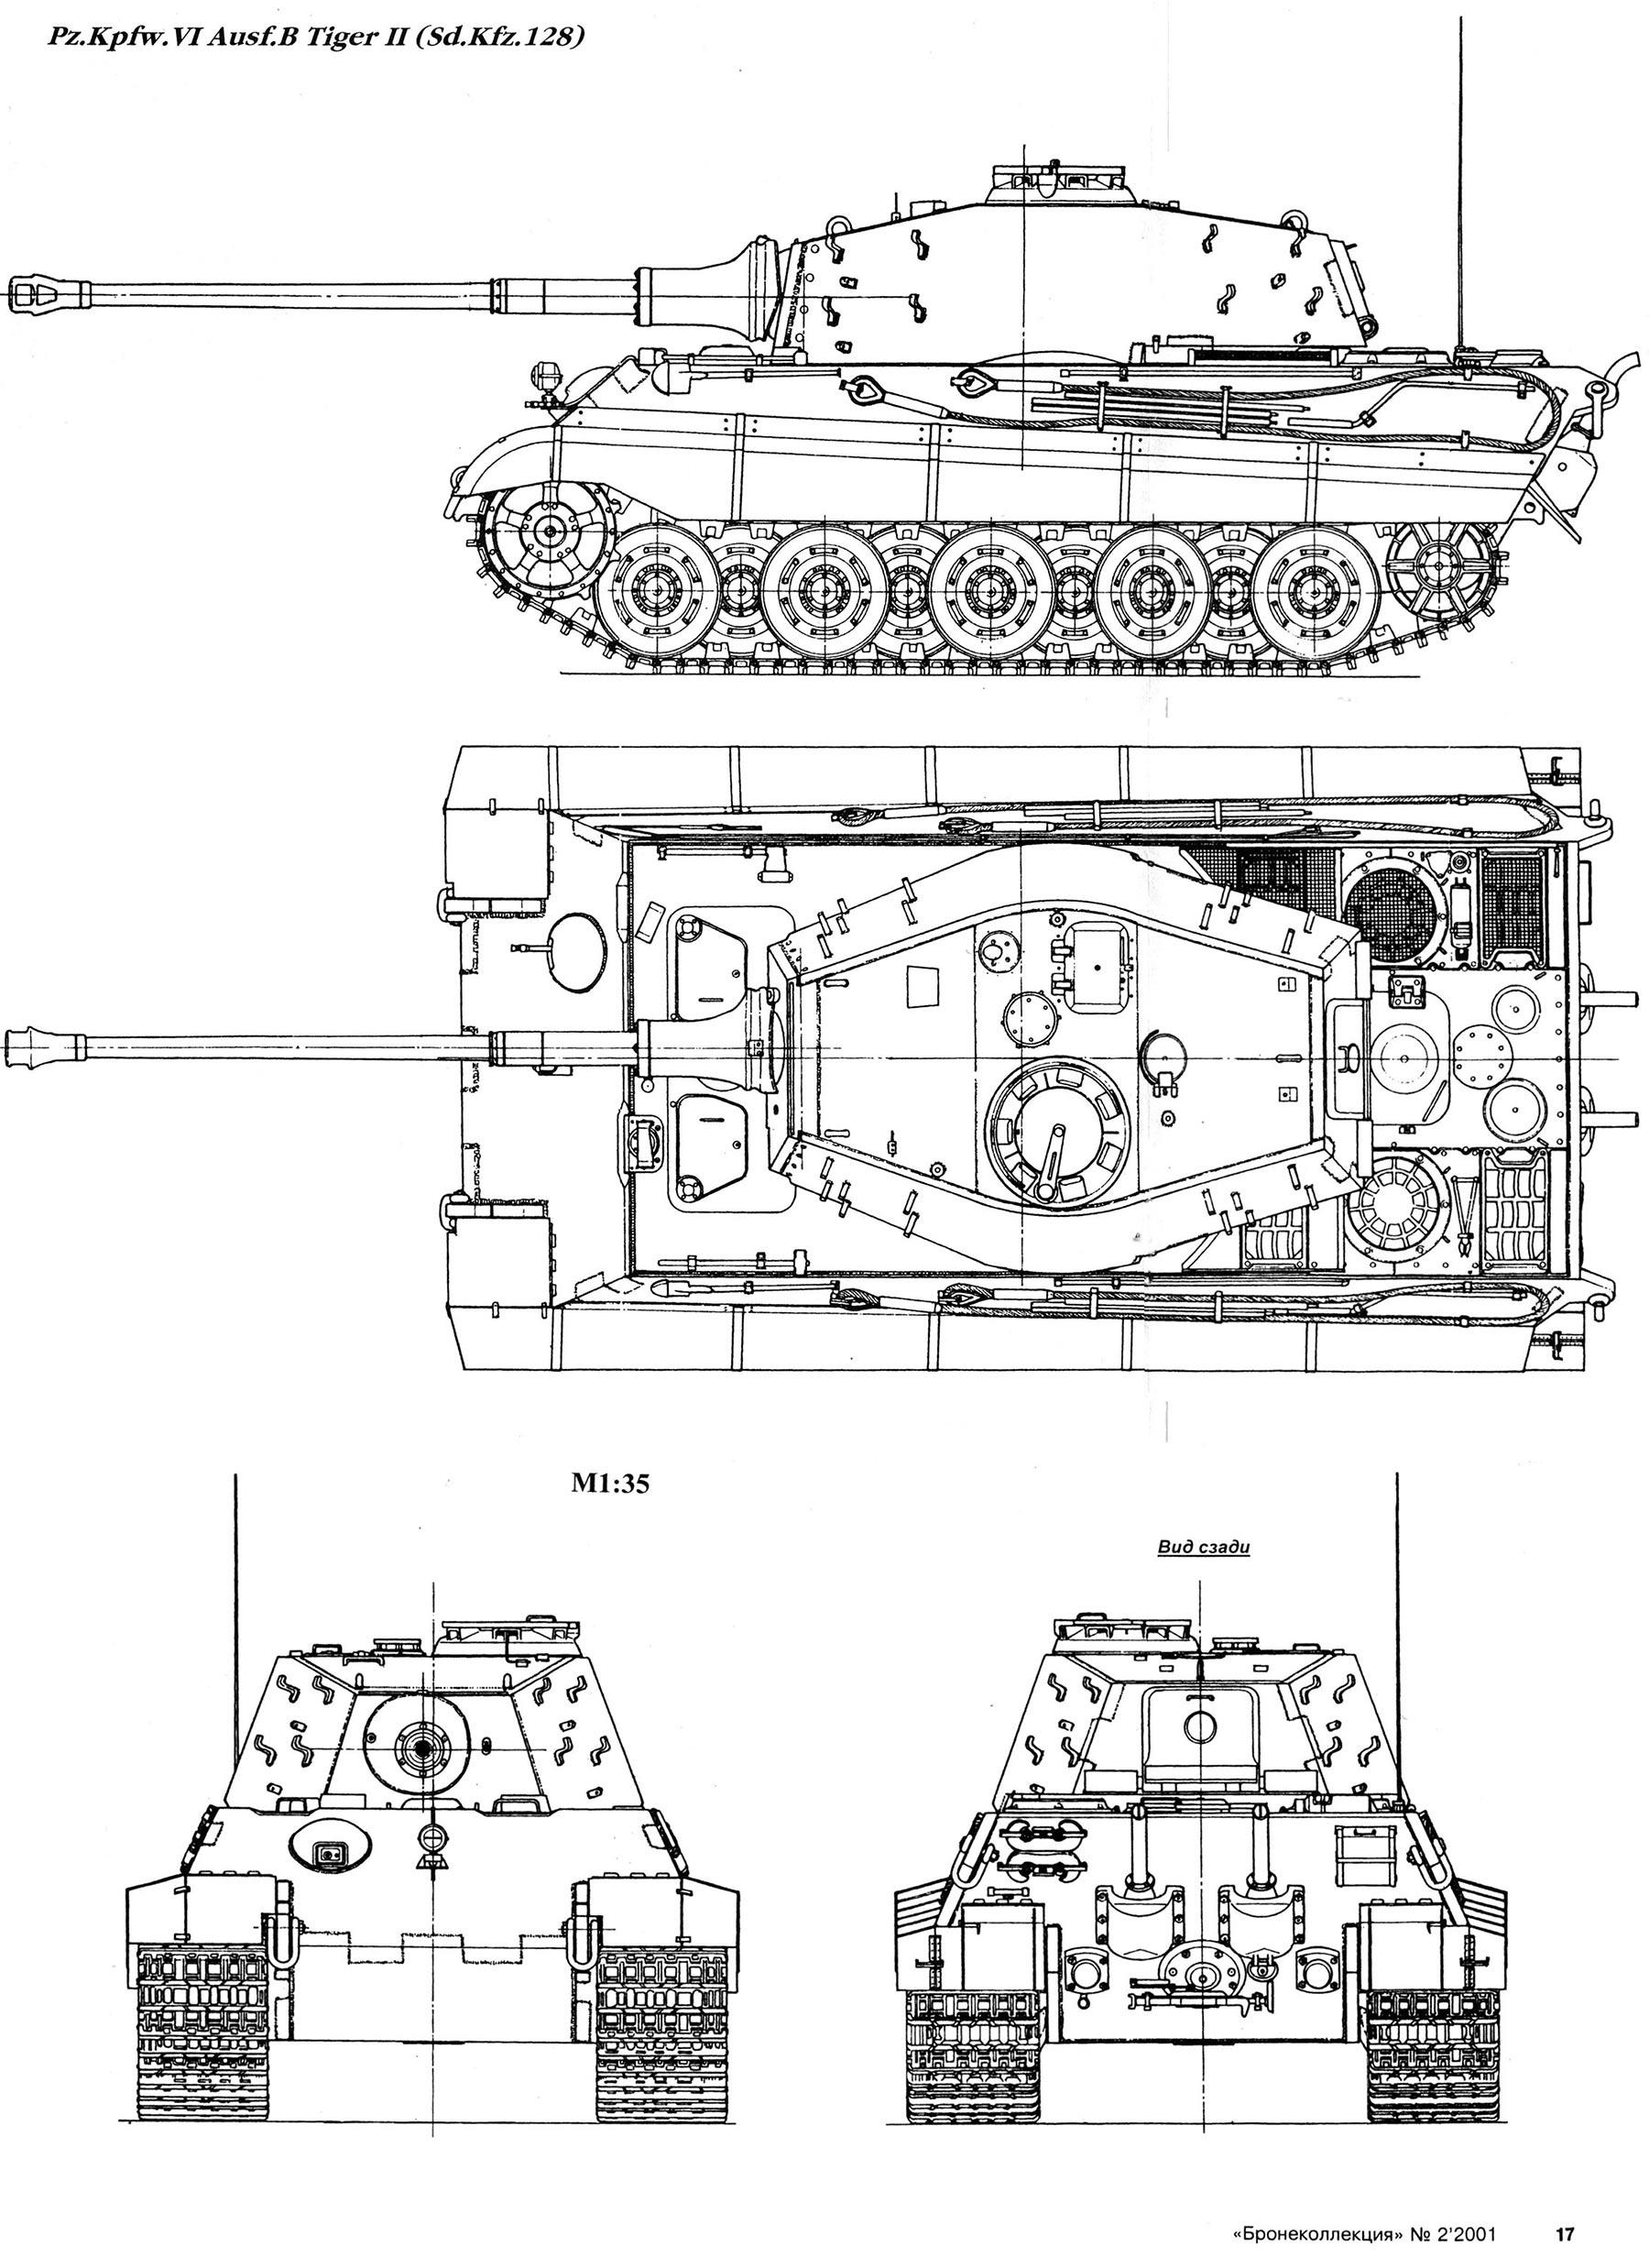 Чертеж танка 'Королевский Тигр II' (бронеколлекция)